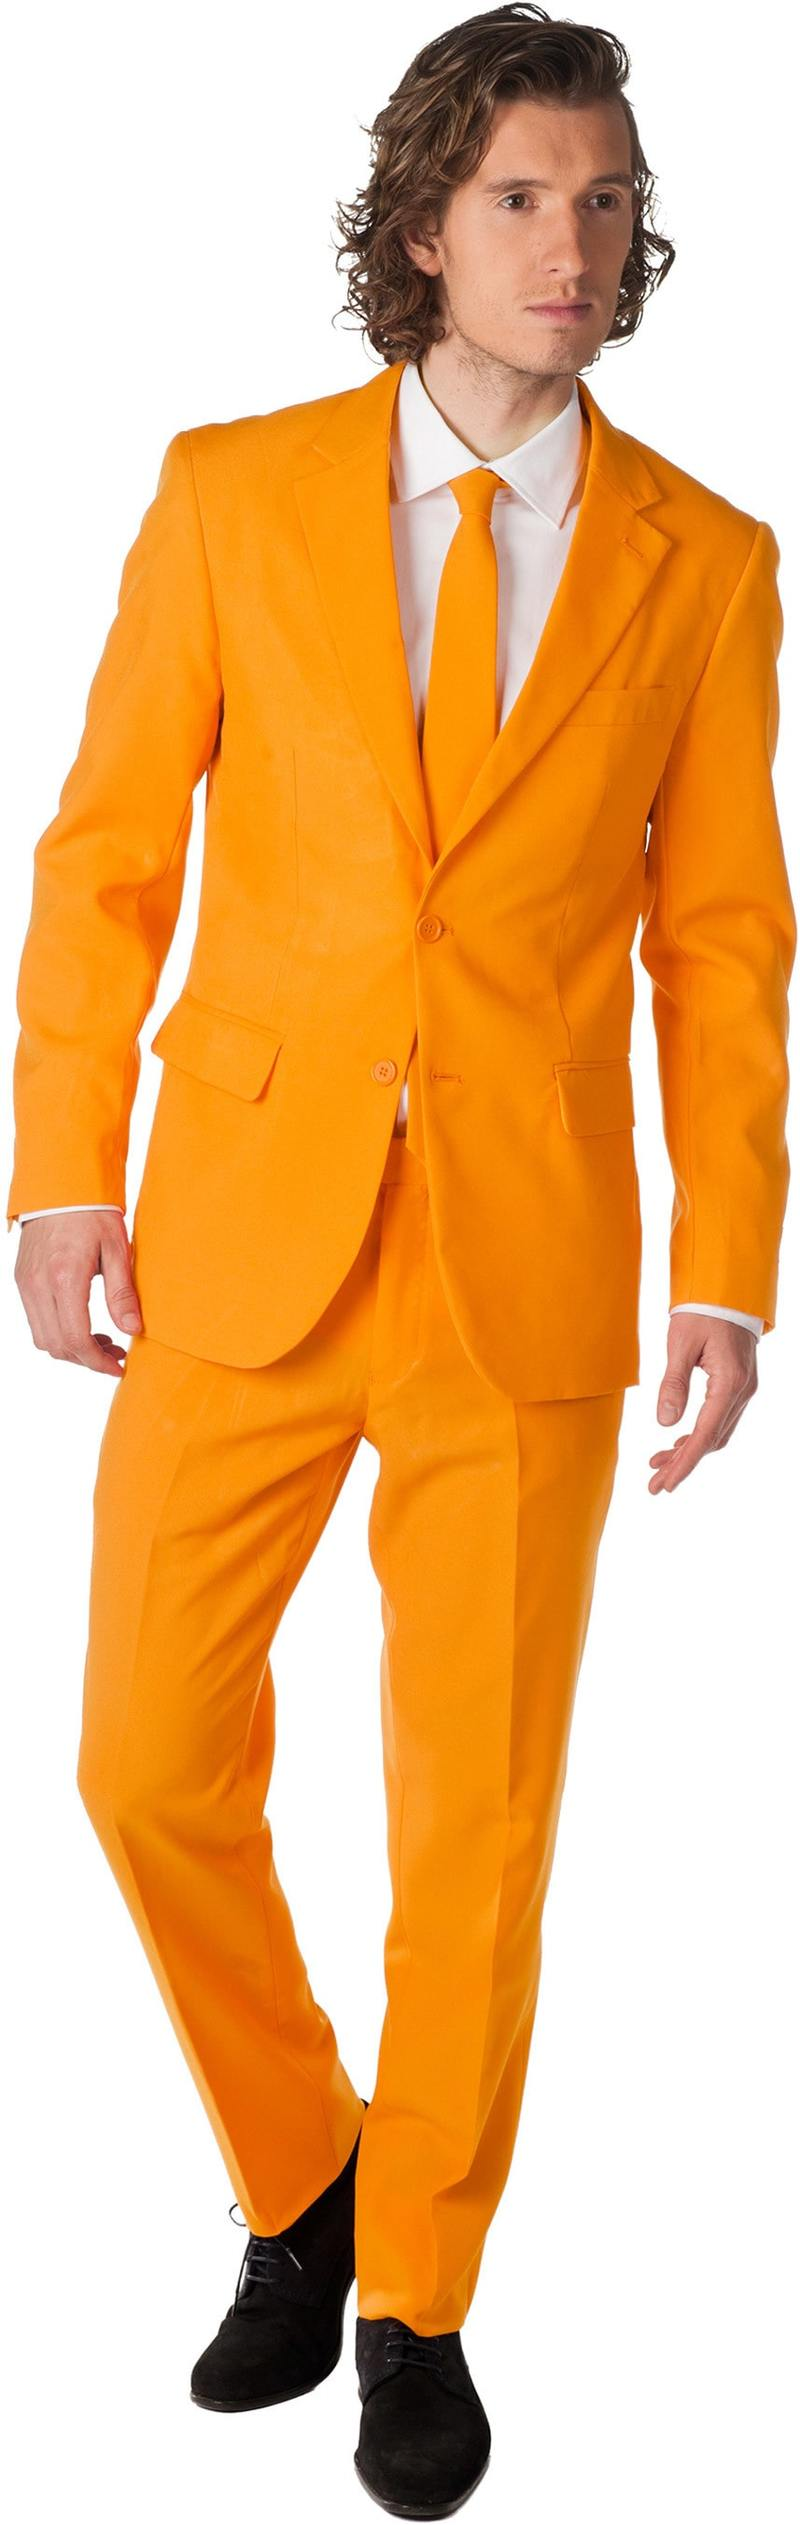 OppoSuits Oranje Kostuum foto 0